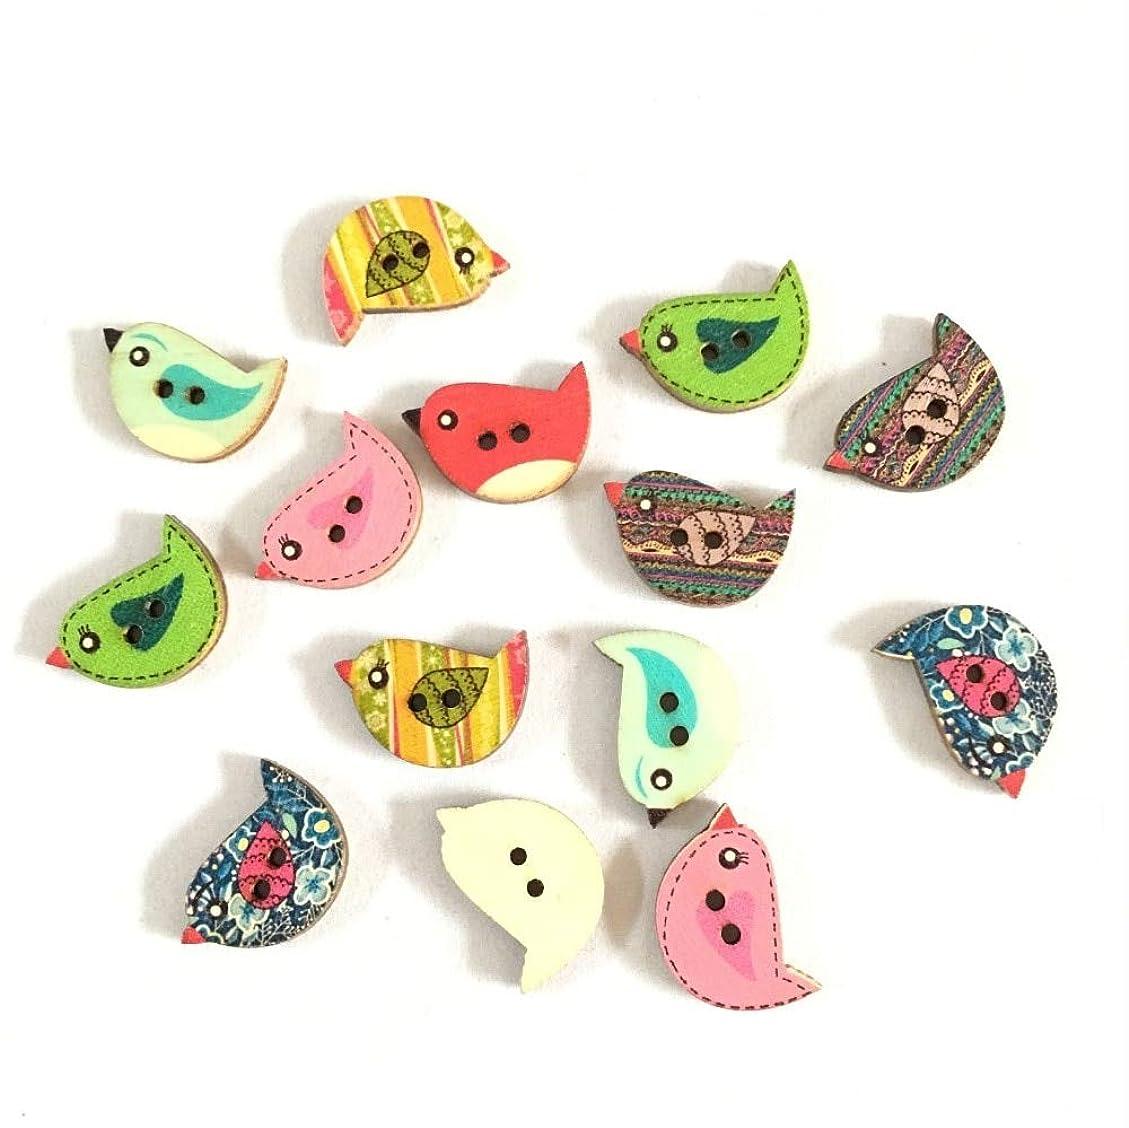 スカープぼんやりしたカブJicorzo - 50pcsのミックス木製ボタンのかわいい鳥のパターンDecoratiラウンド2つの穴木製縫製するためのボタン、DIY、衣料品アクセサリー